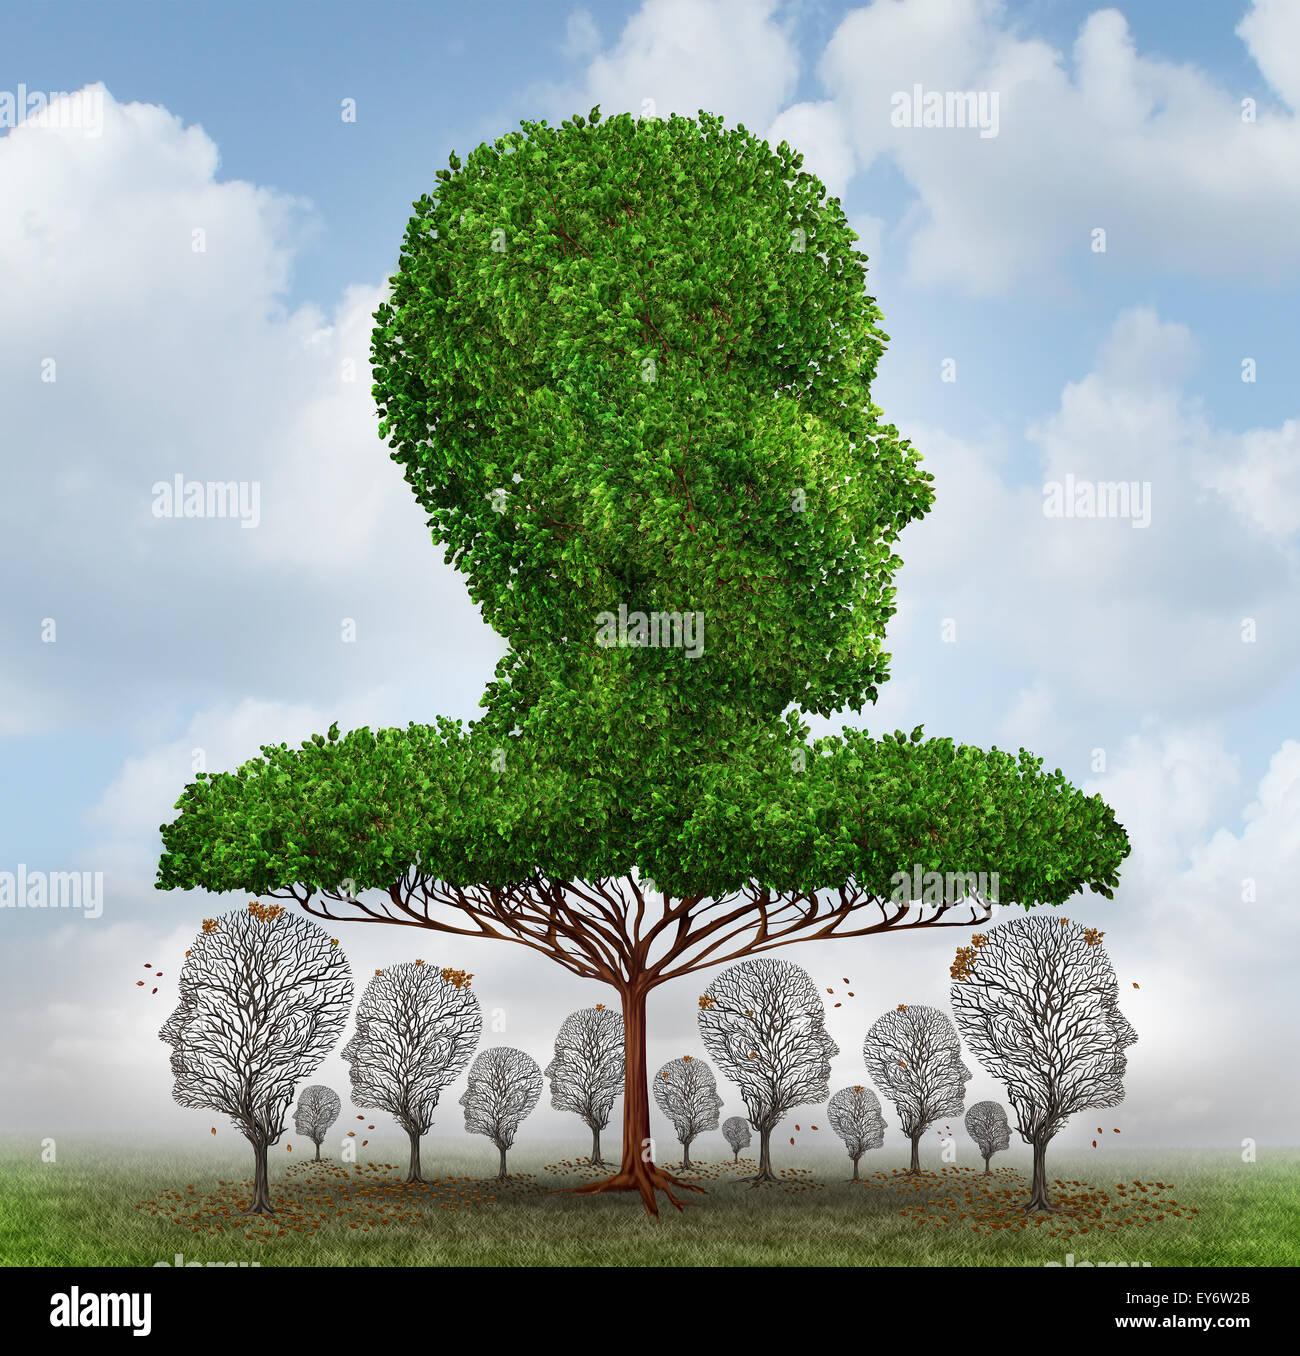 Soziale Ungleichheit Konzept wie ein riesiger Baum in Form eines menschlichen Kopfes blockiert das Licht, um kleinere Stockbild